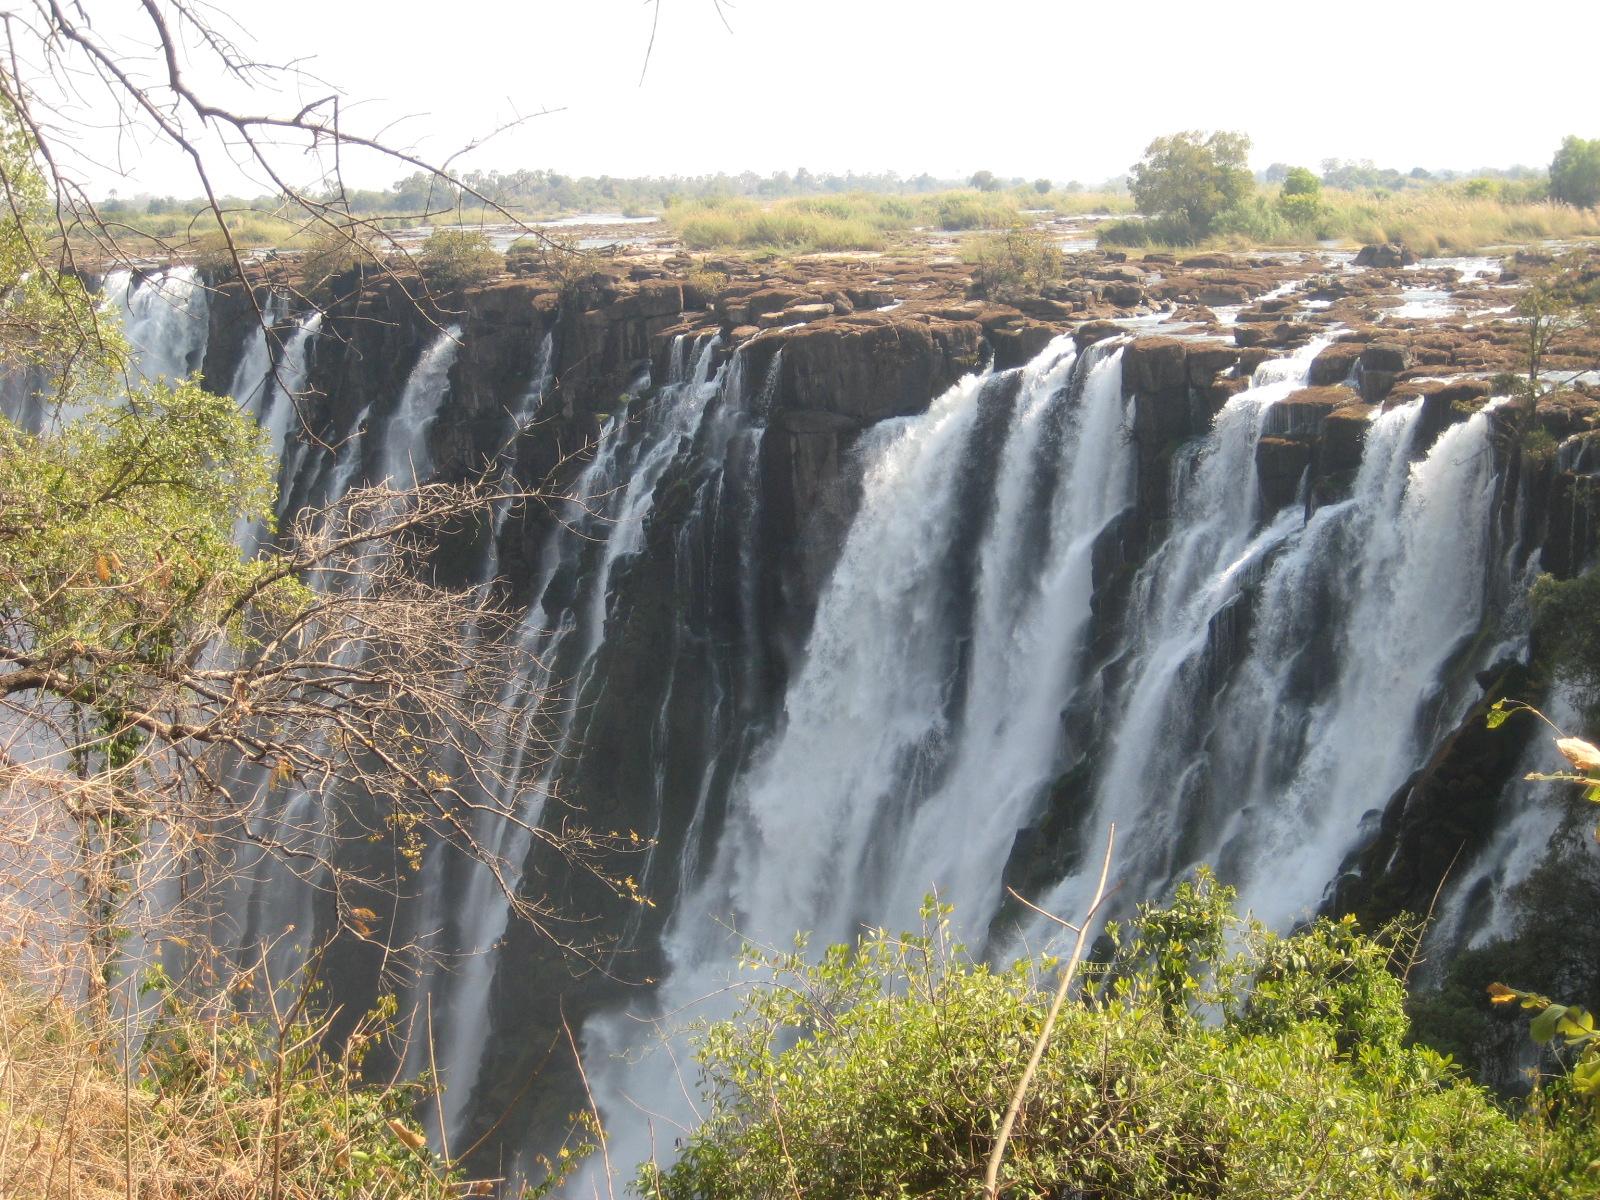 Vista de las cataratas Mosi-O-Tunya desde el margen zambiano